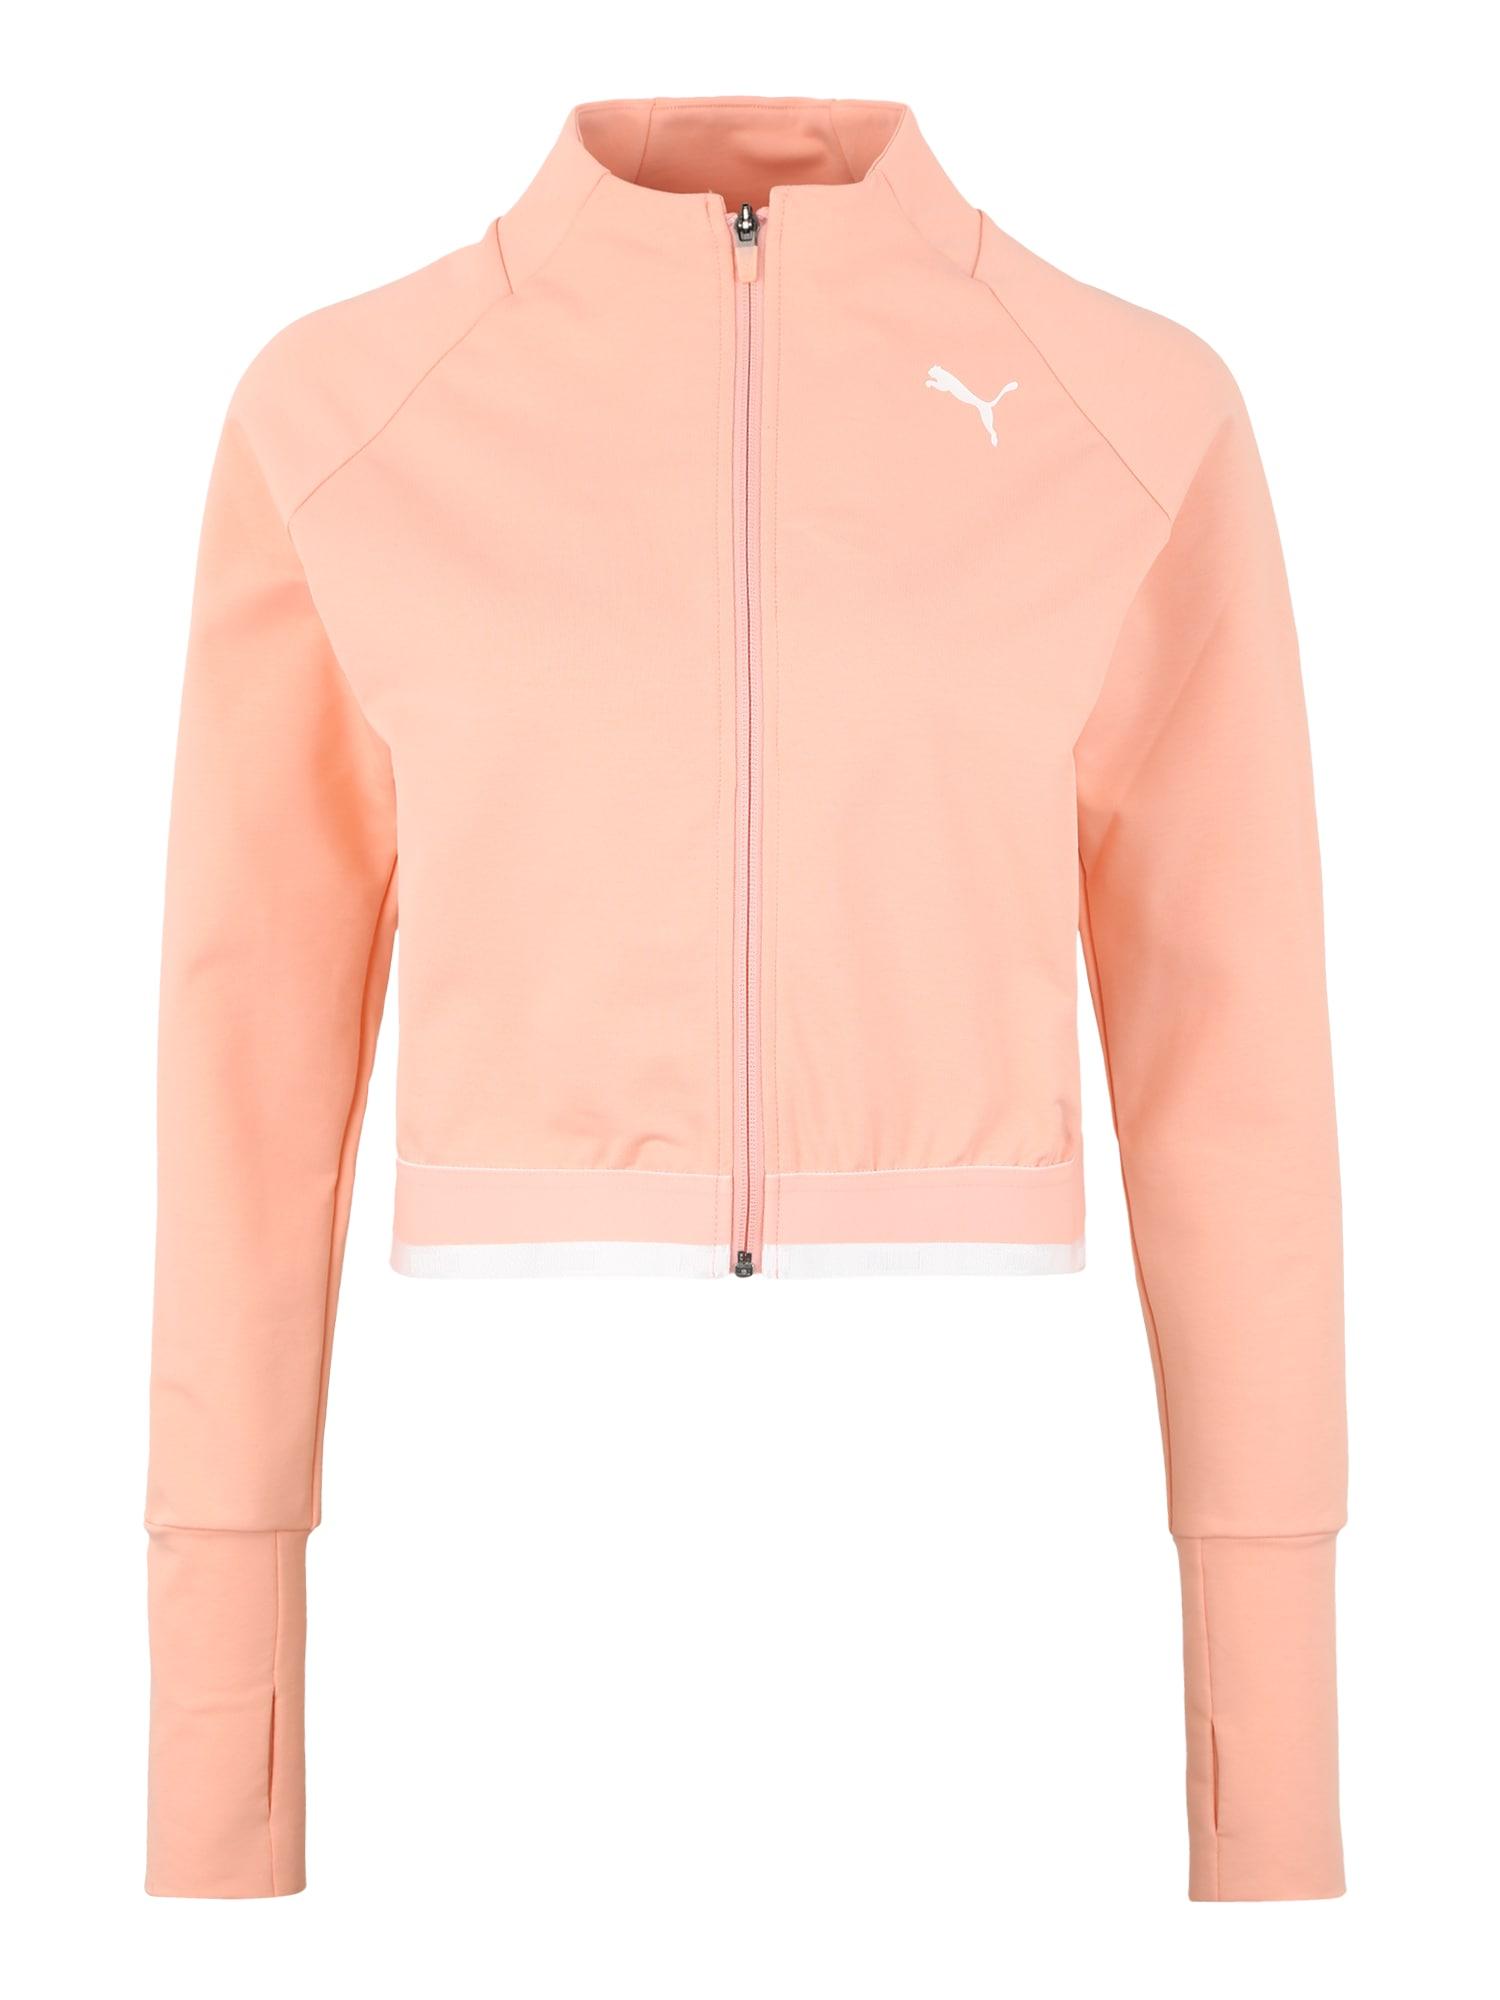 Sportovní bunda Soft Sports Jacket broskvová PUMA